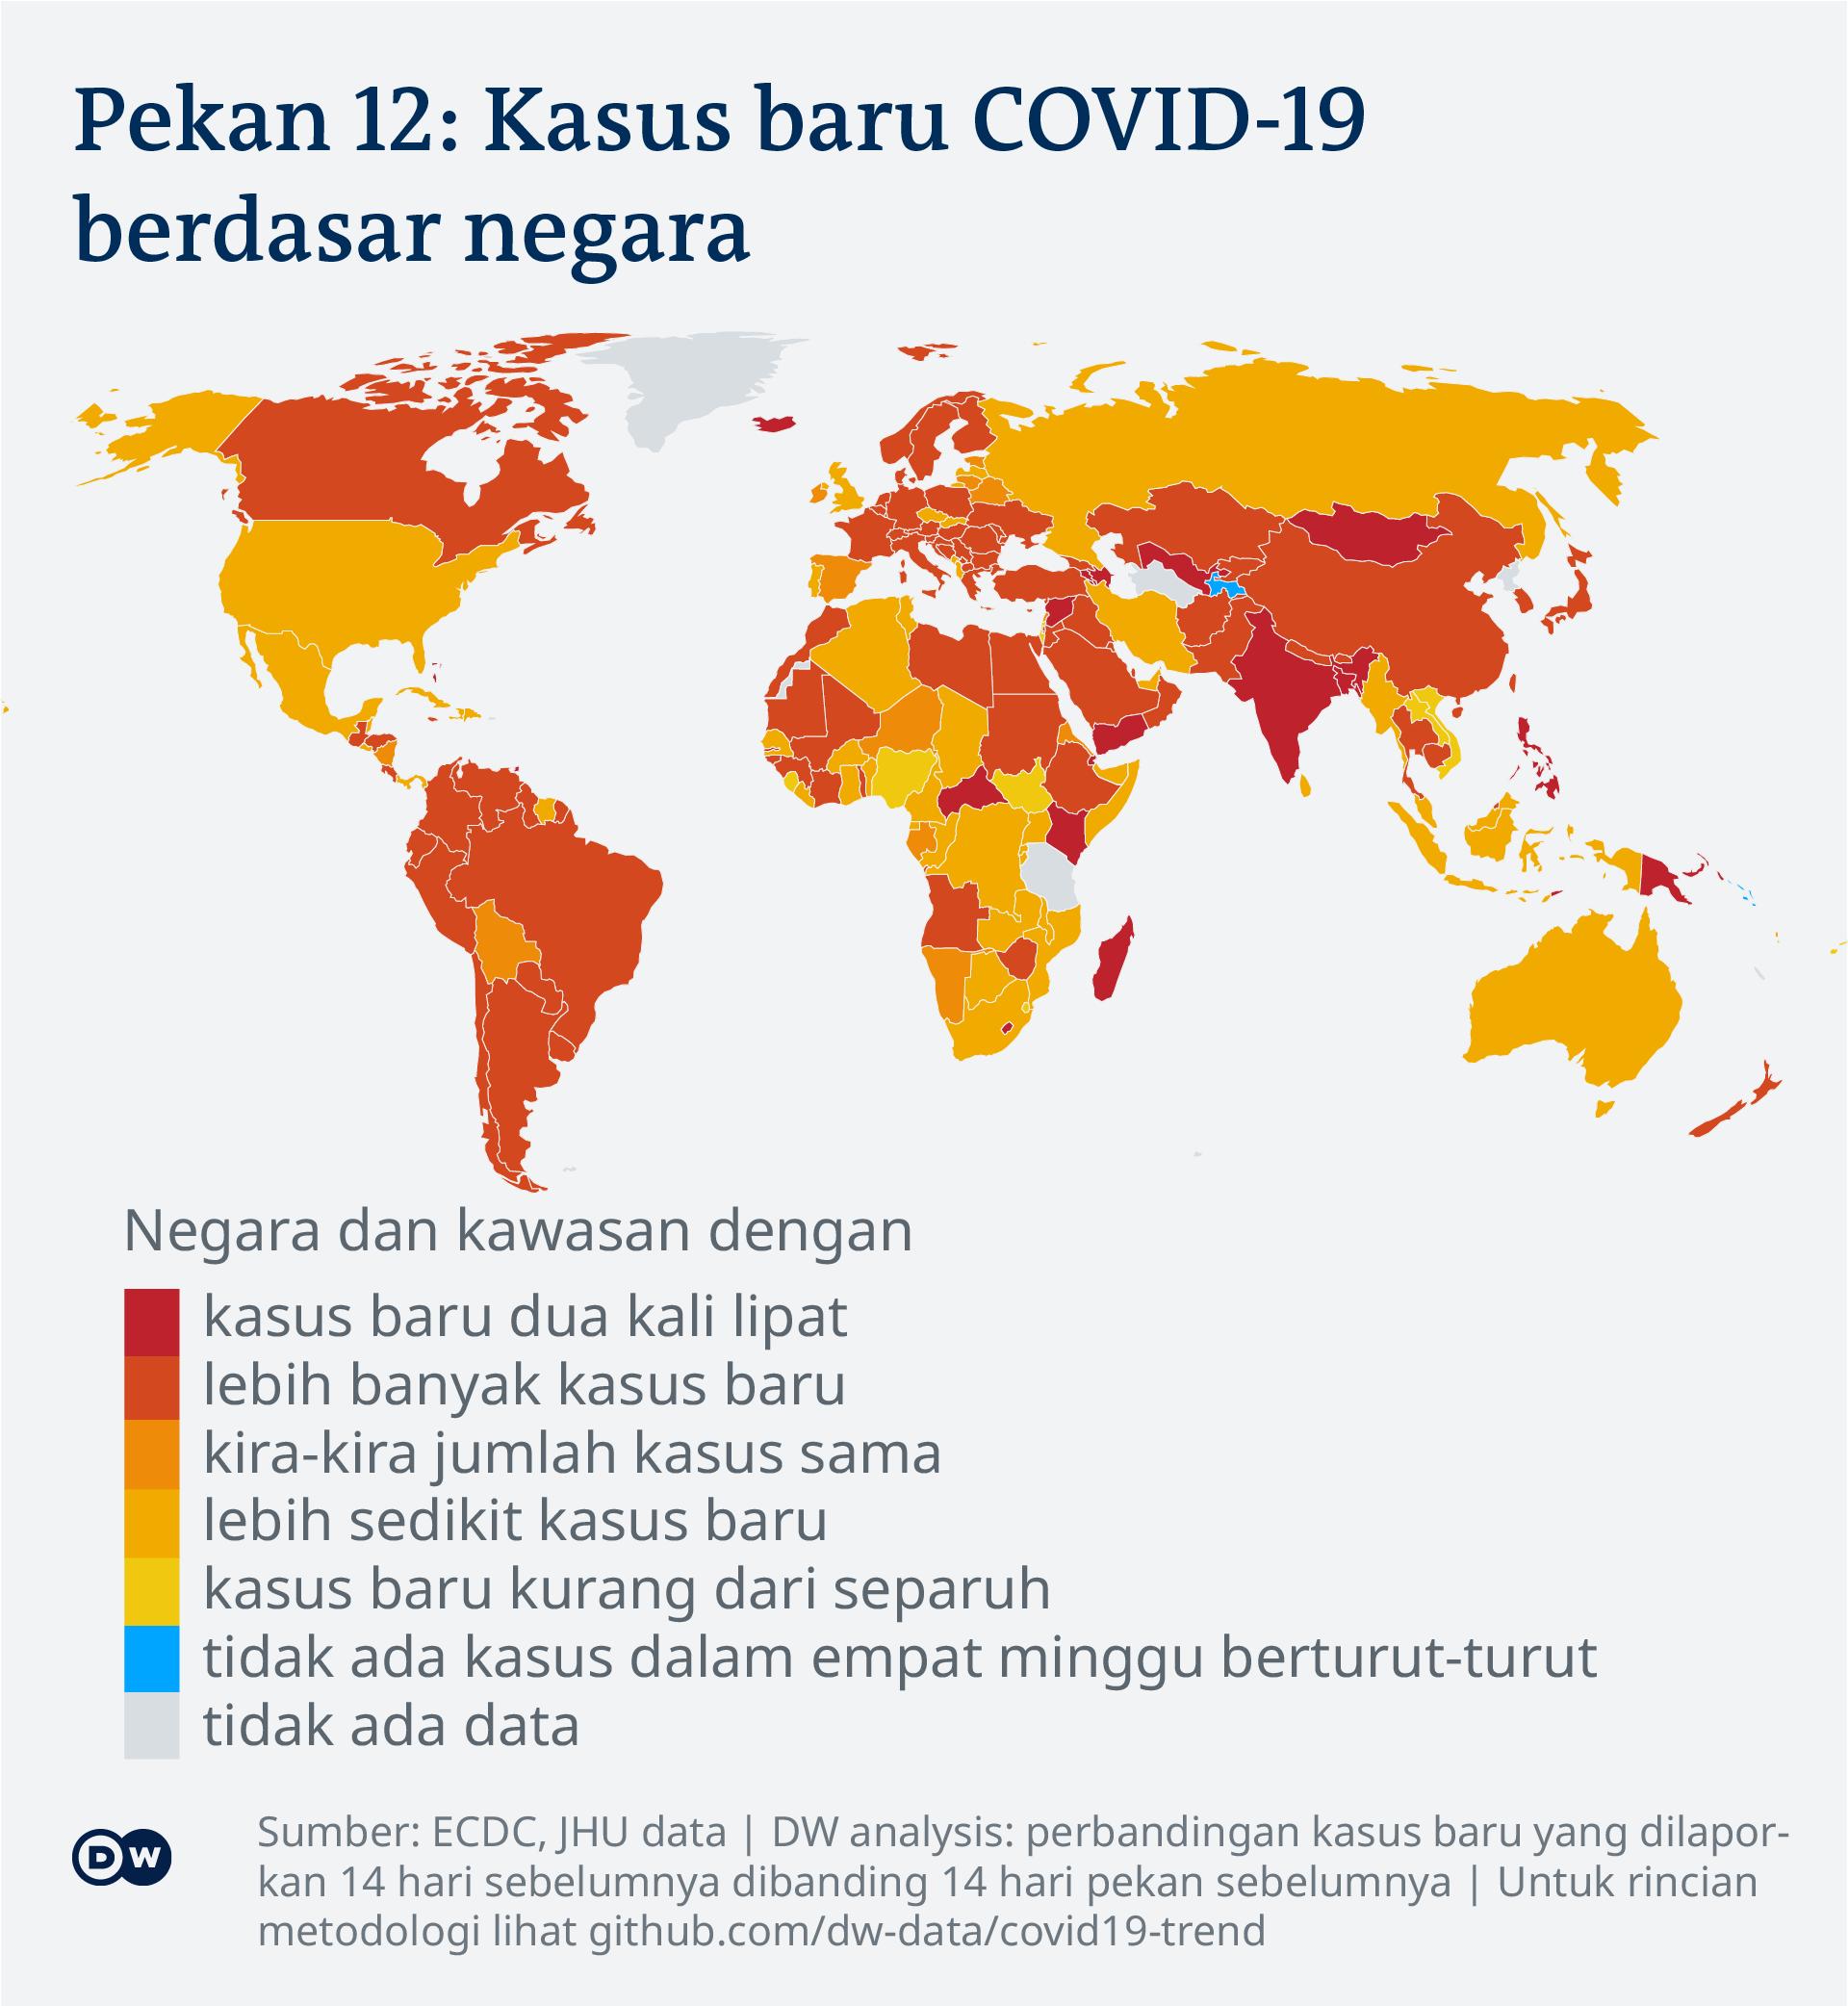 Bersiap Hadapi Pandemi Berikutnya, Pemimpin Dunia Serukan Perjanjian Internasional | DUNIA: Informasi terkini dari berbagai penjuru dunia | DW | 30.03.2021